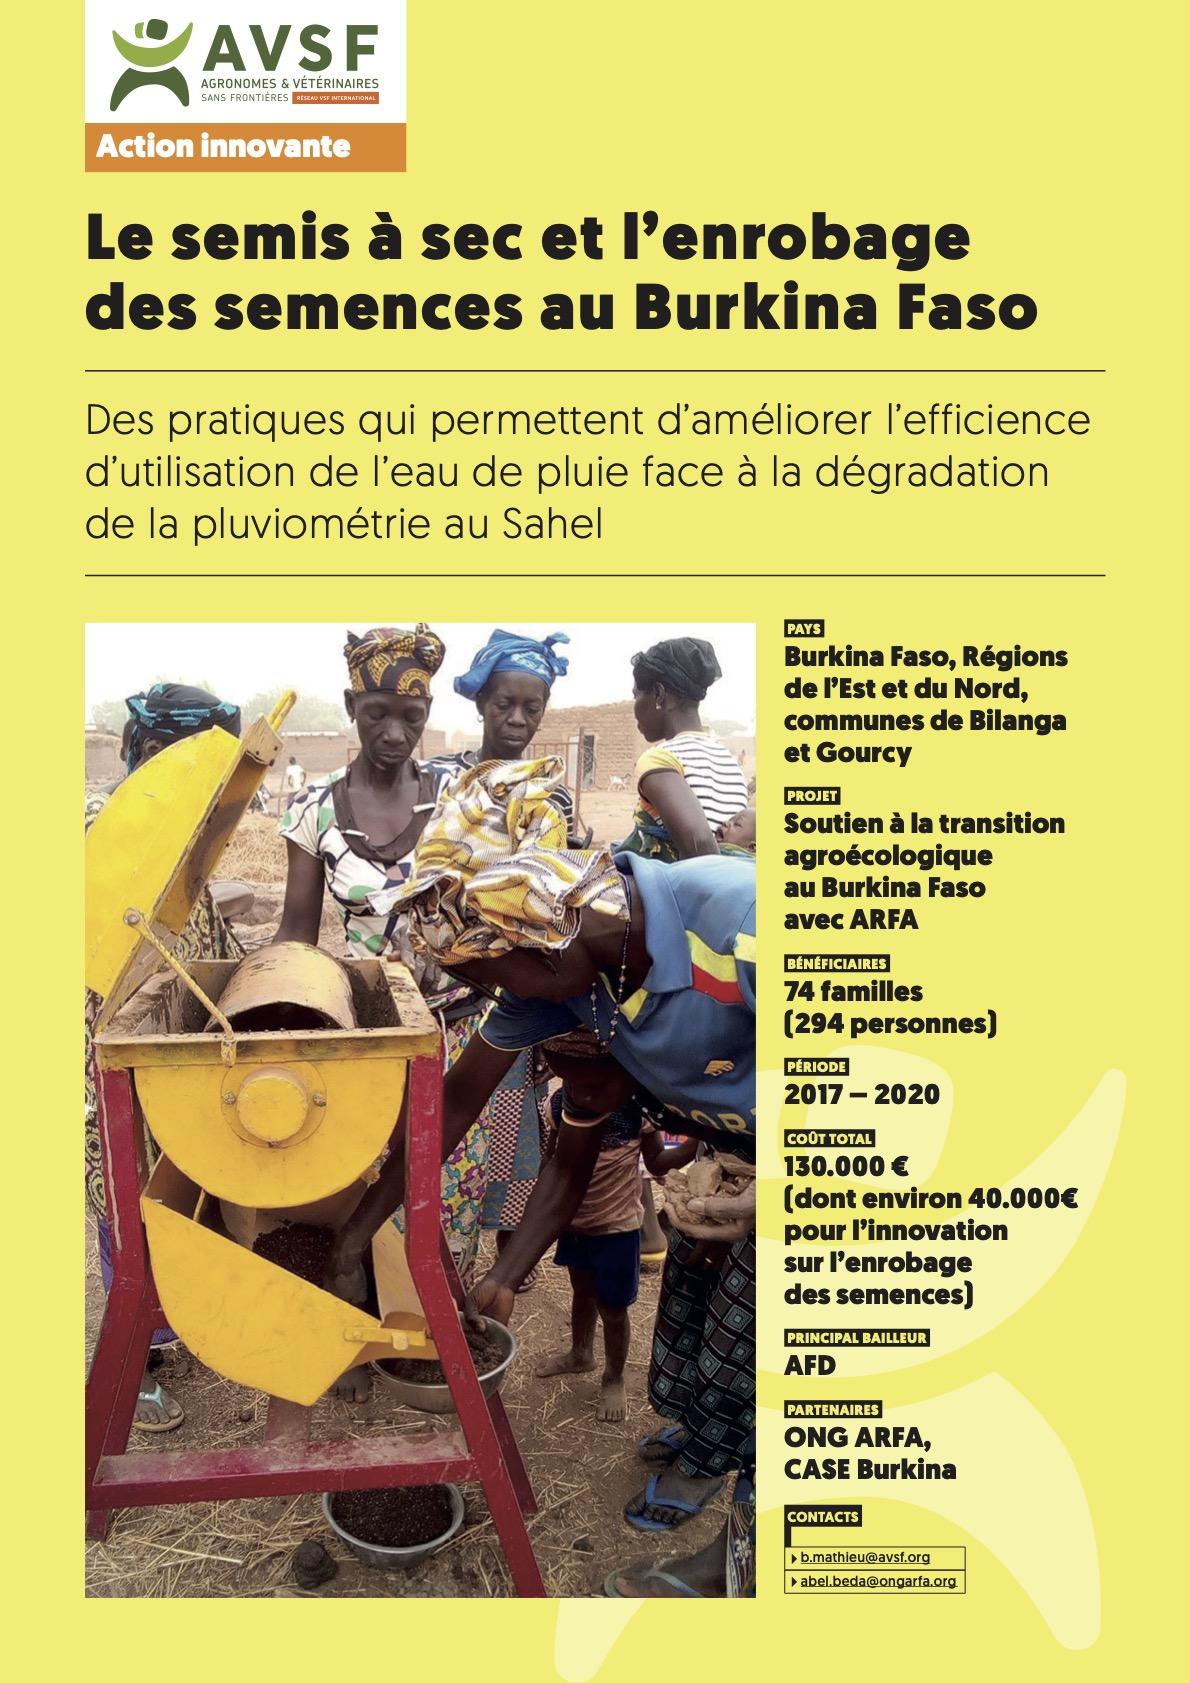 Les actions innovantes d'AVSF : Le semis à sec et l'enrobage des semences au Burkina Faso Image principale